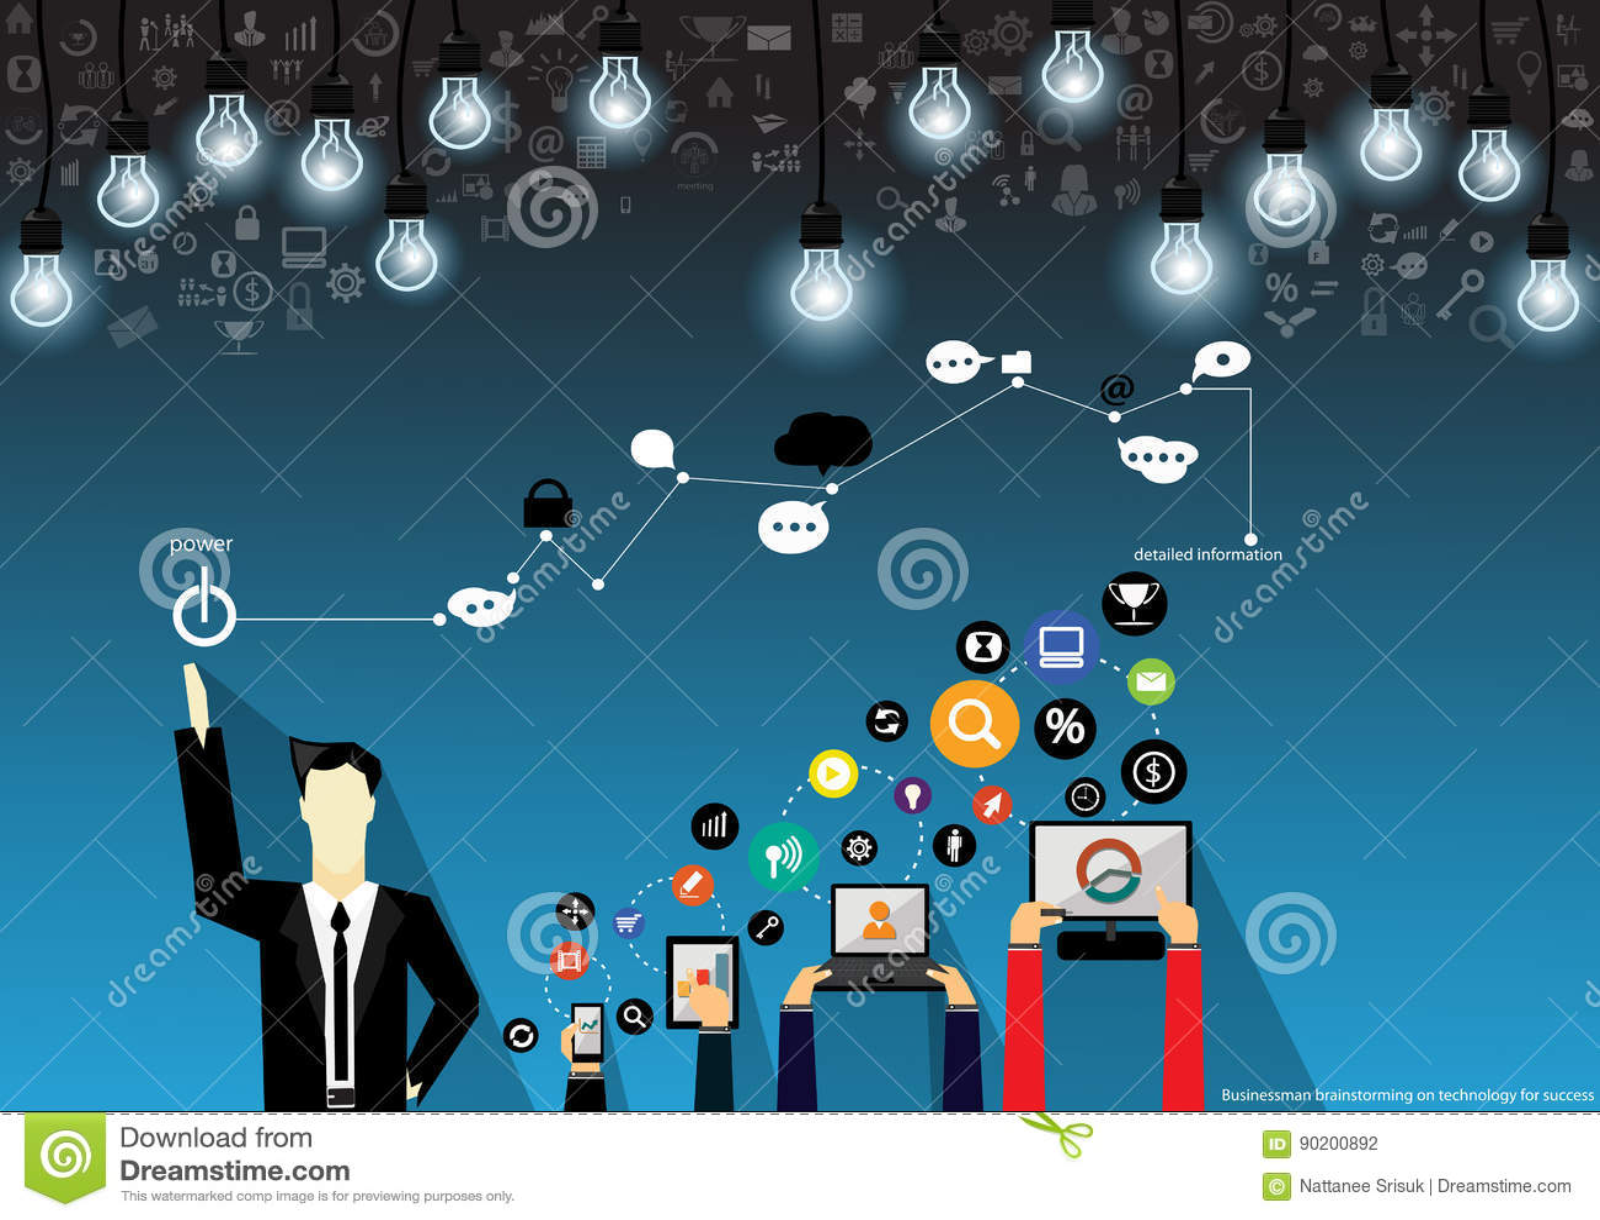 Wektorowy biznesmena brainstorming na technologii dla sukcesu z wiszącą ozdobą, pastylką, notebookami i różnorodnych ikon płaskim